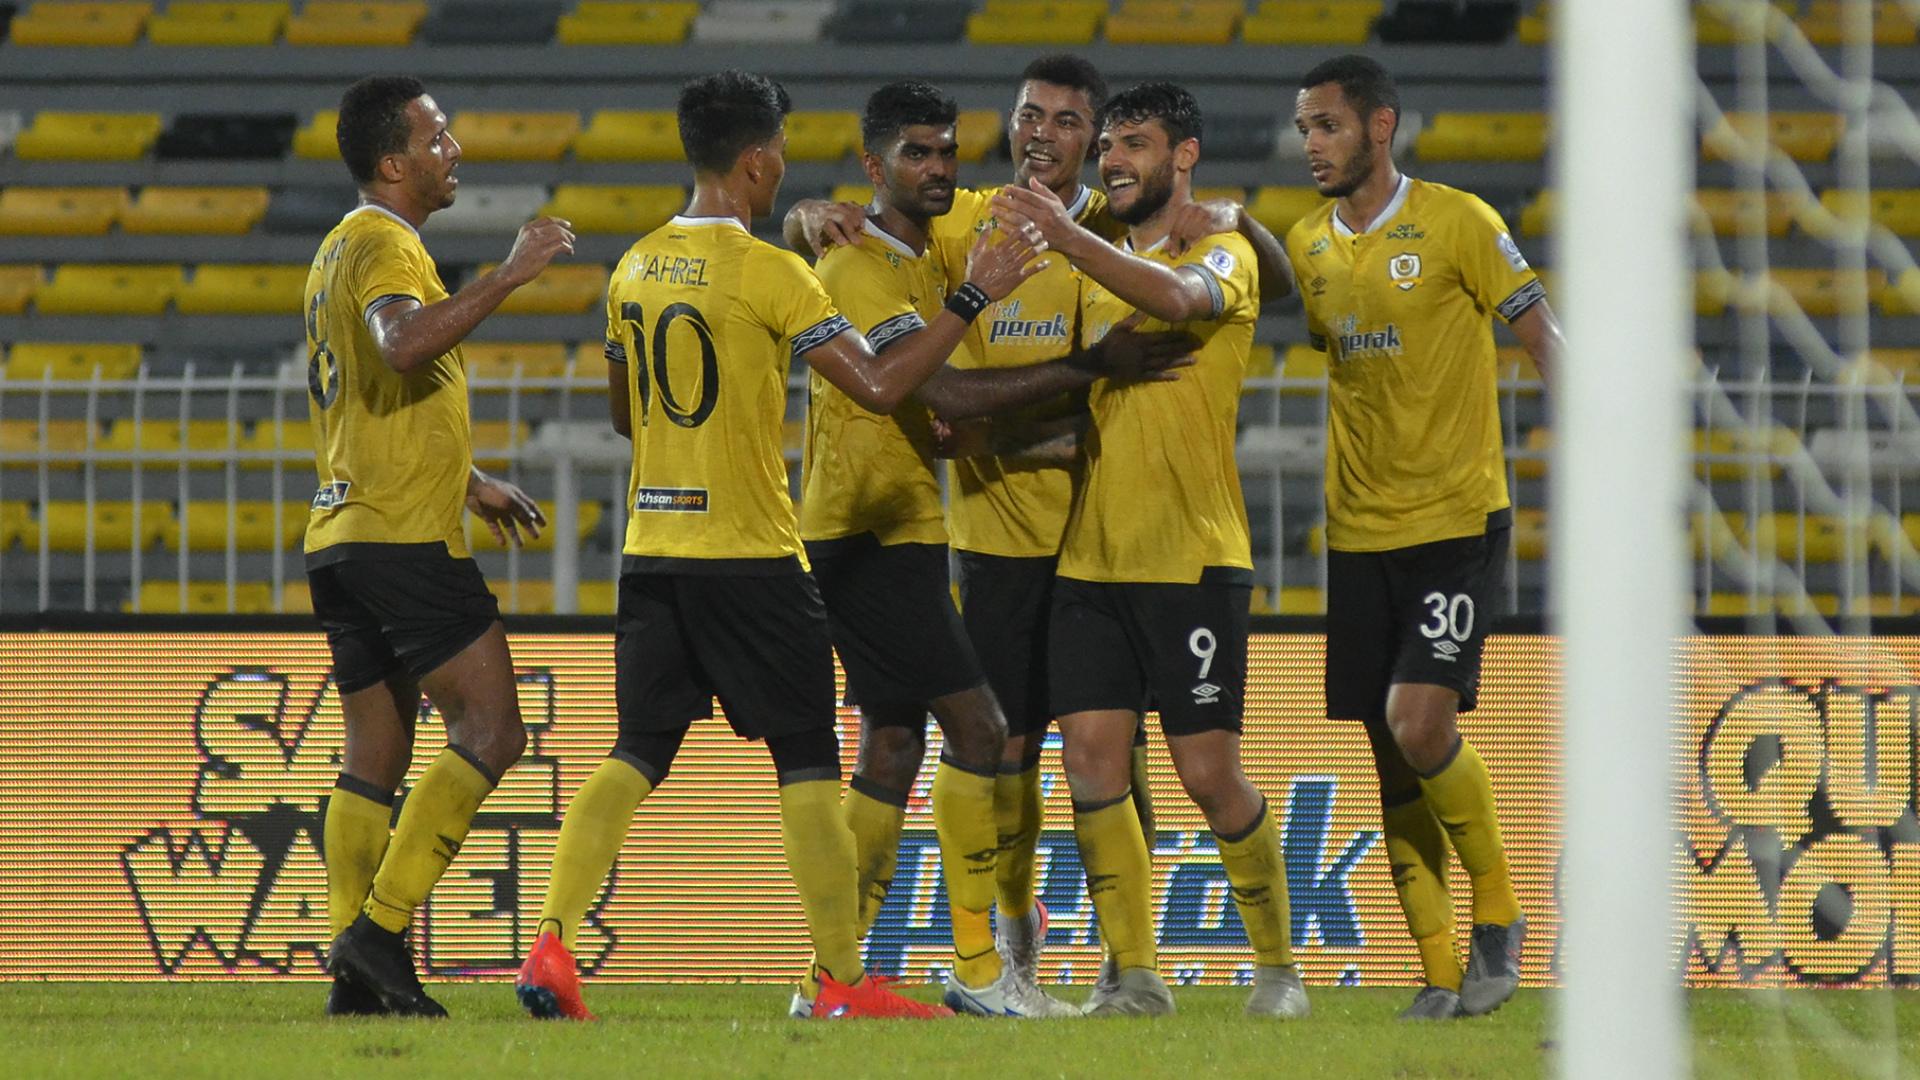 Perak v Terengganu FC, Malaysia Super League, 18 Jun 2019